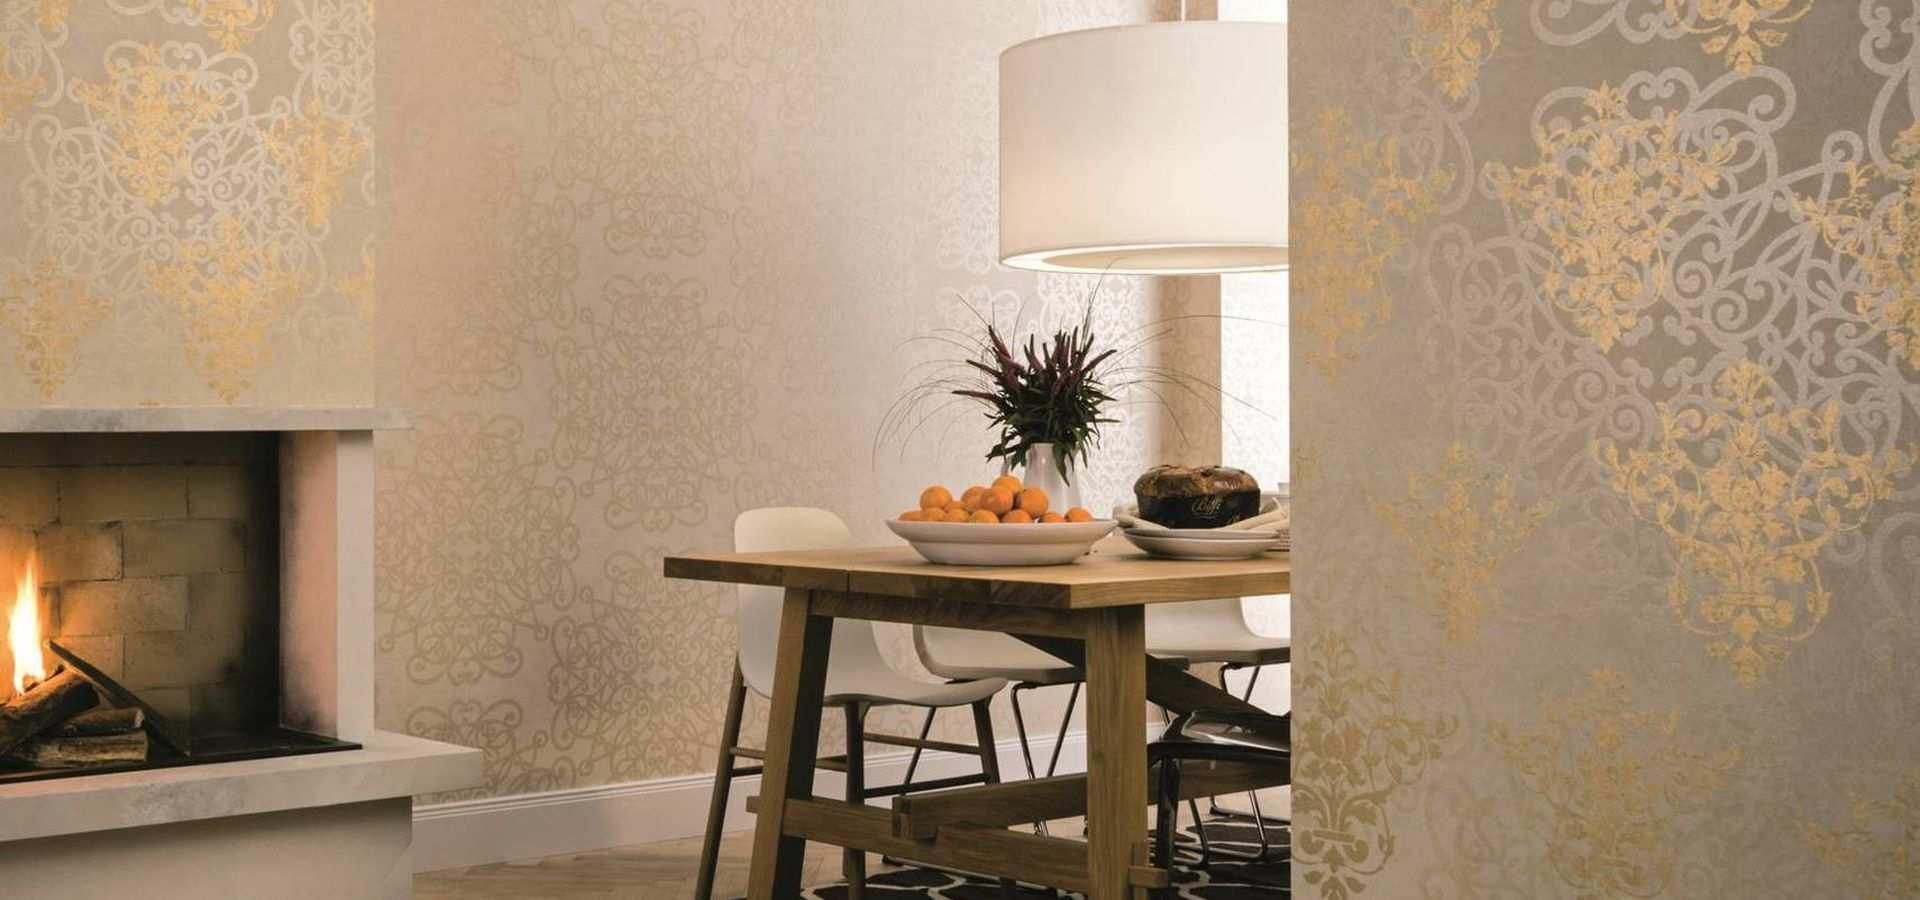 Bild Tapete gold mit Blumenornamenten